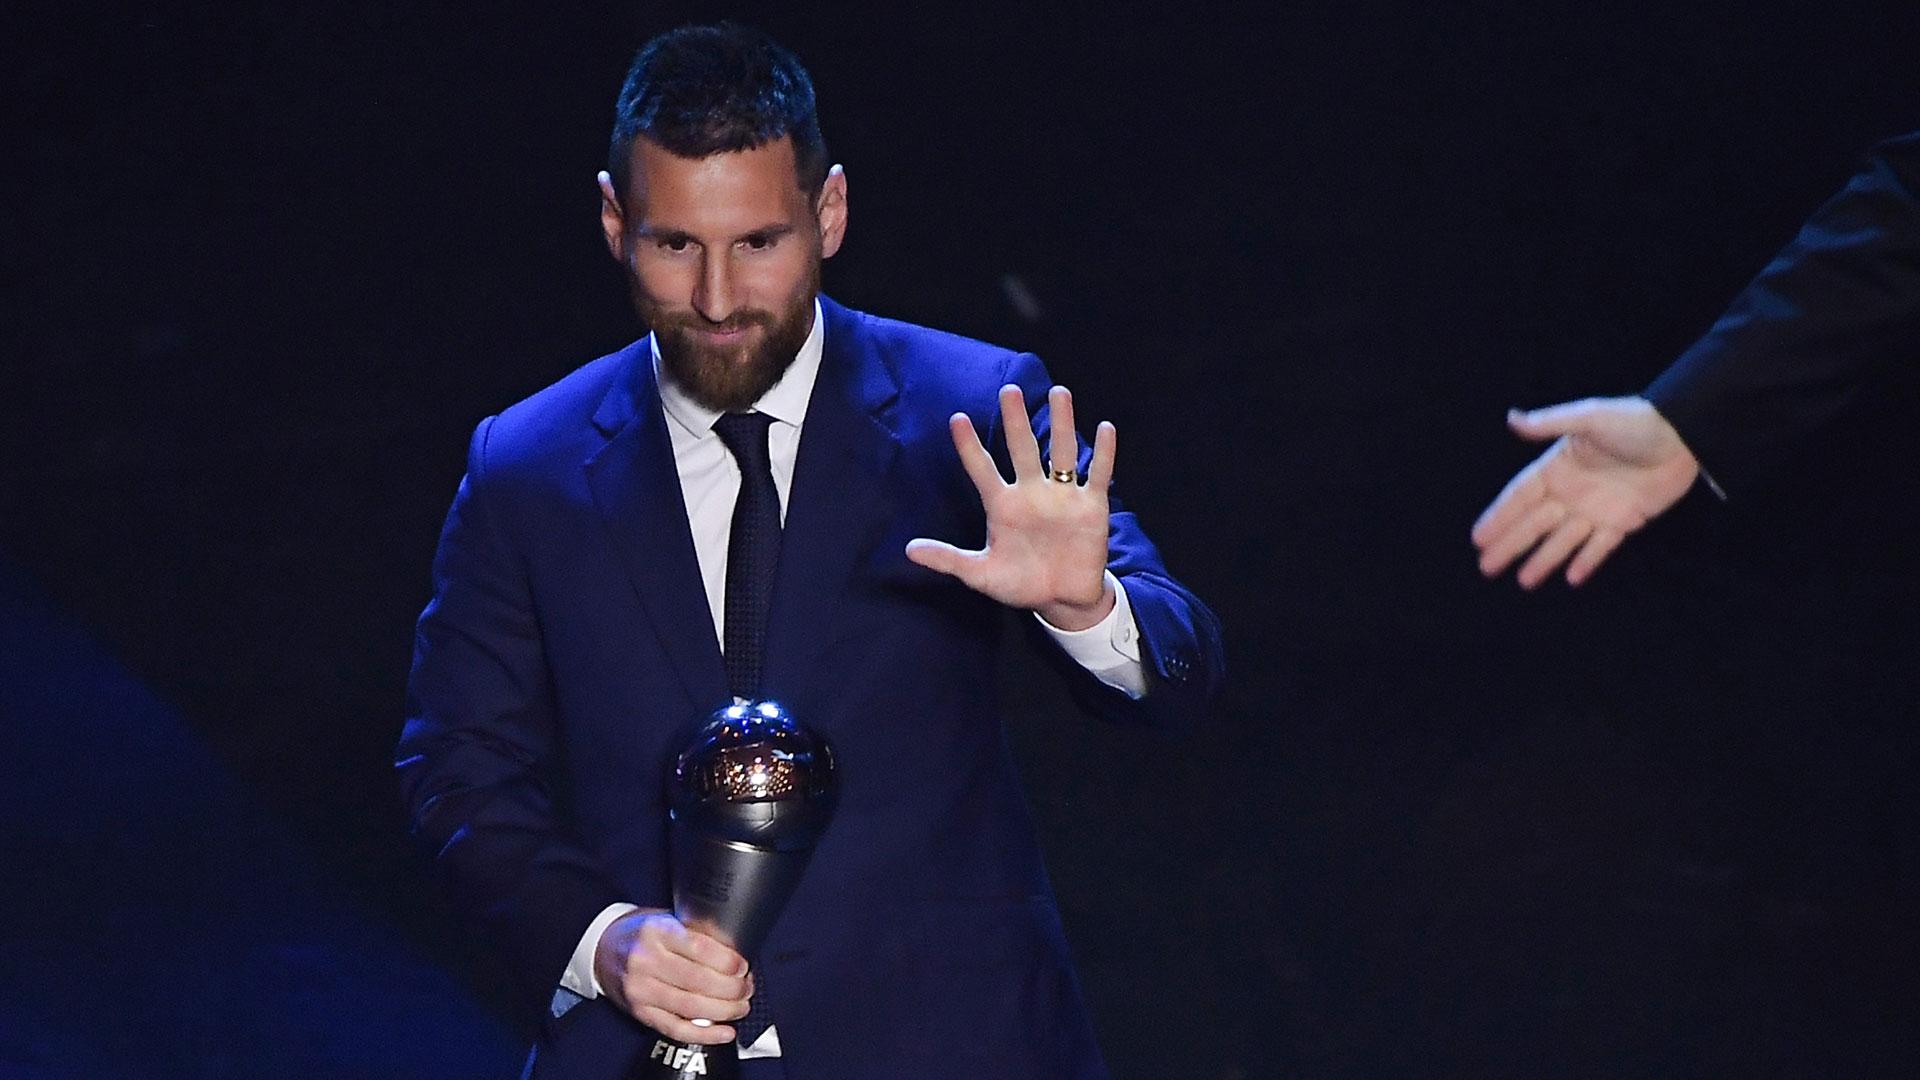 El argentino sumó así su sexto galardón junto a los cinco Balones de Oro que ya había conseguido